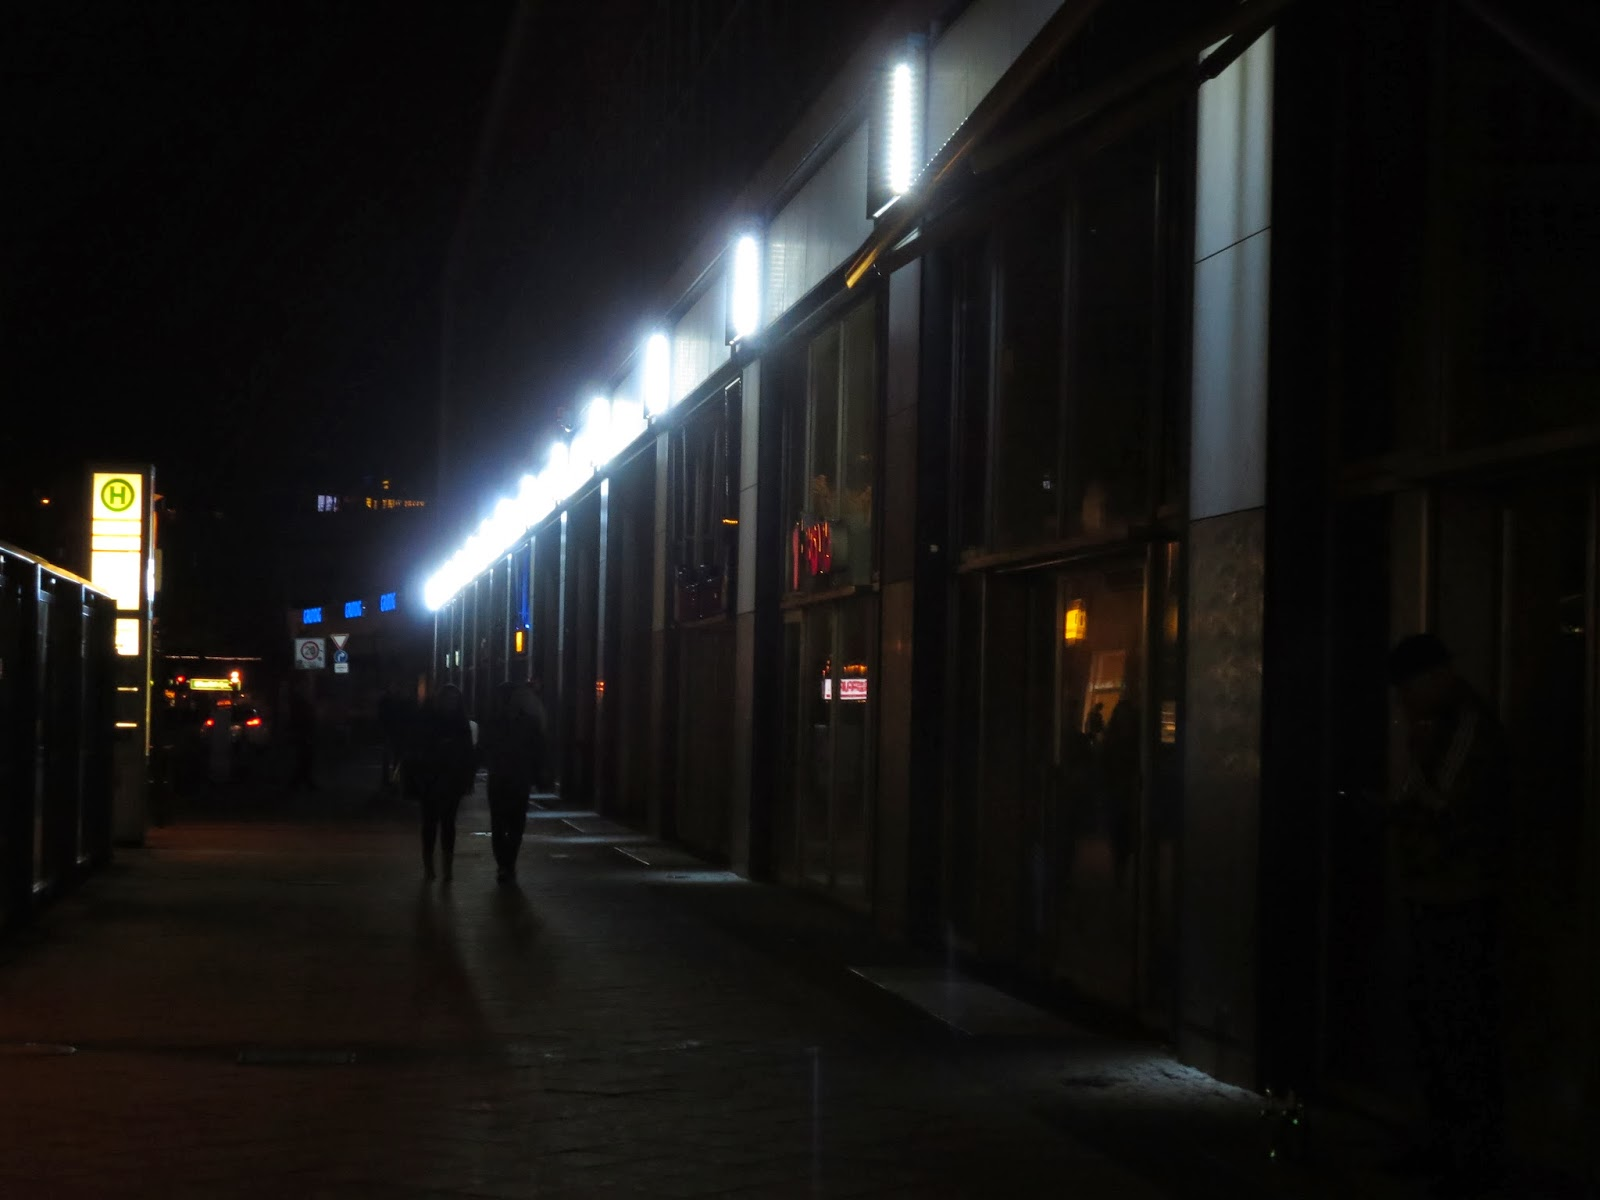 Auto-Belichtung der Kamera (Helligkeitsniveau der LEDs)